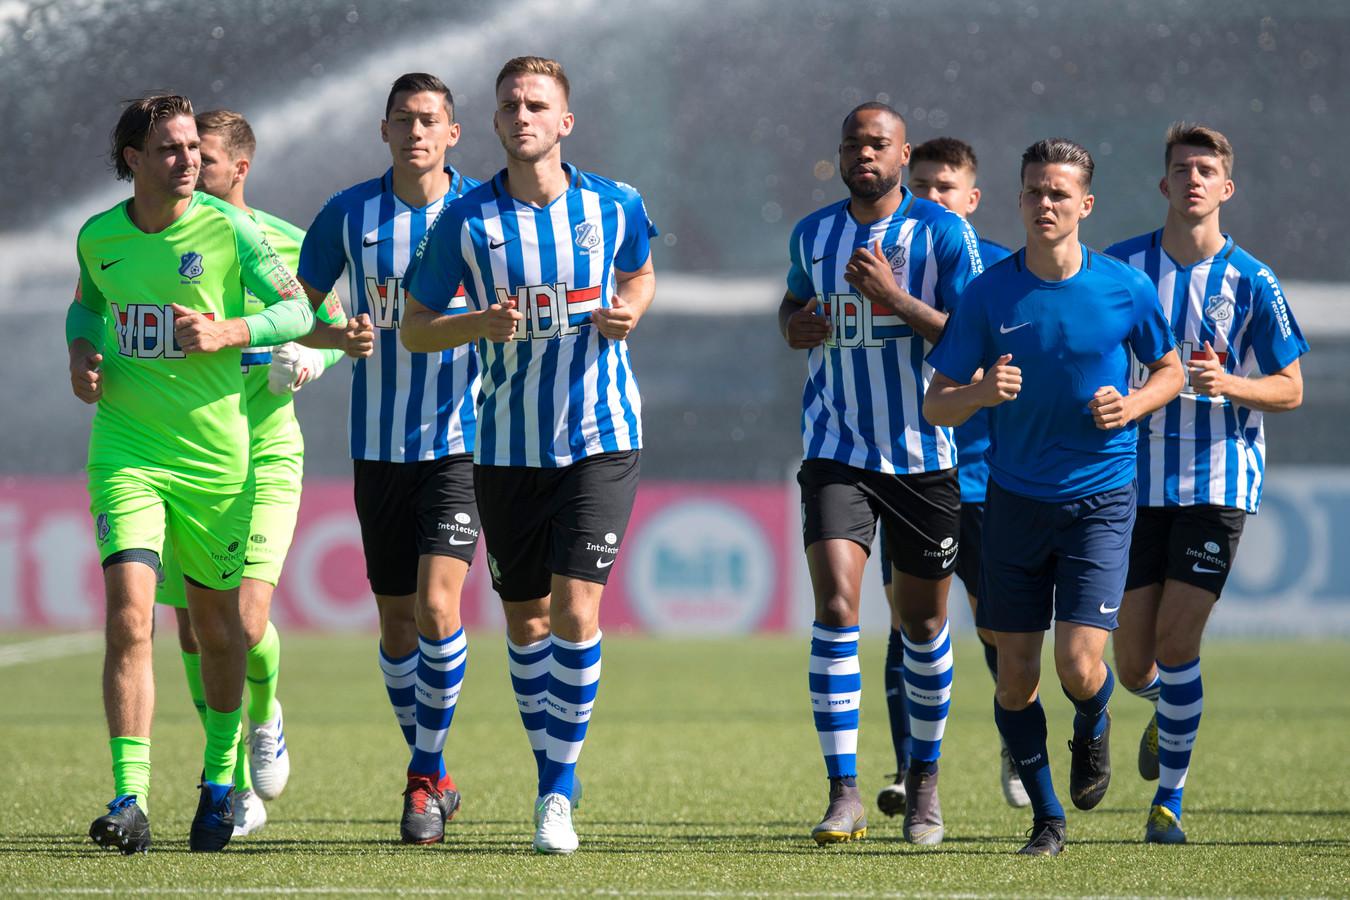 Rechts op de foto, in het egaal blauwe trainingsshirt, het nieuwe lid van de A-selectie: Byron Burgering.